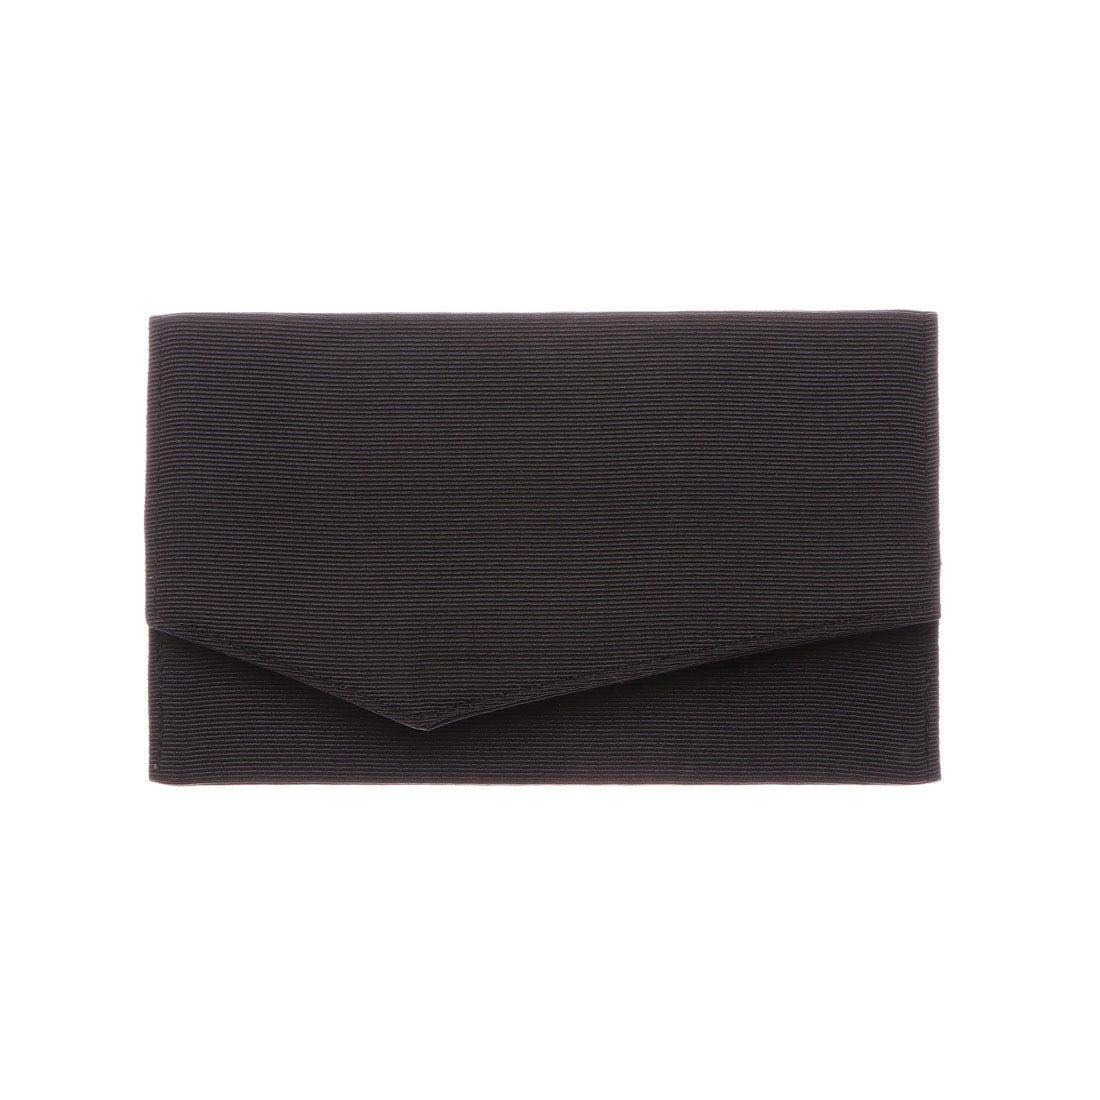 プレンドレ ラ ジョア prendre la joie 喪服・礼服用 グログラン黒ふくさ (ブラック)